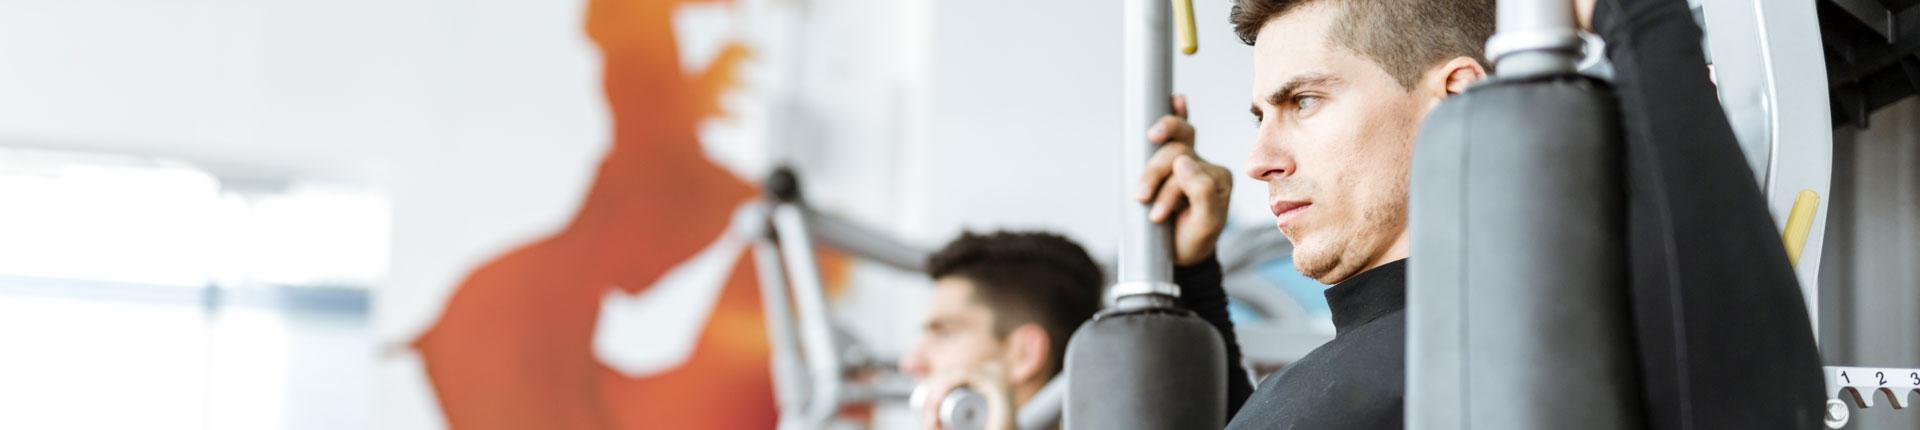 Błędy początkującego: kopiowanie planów treningowych zawodników